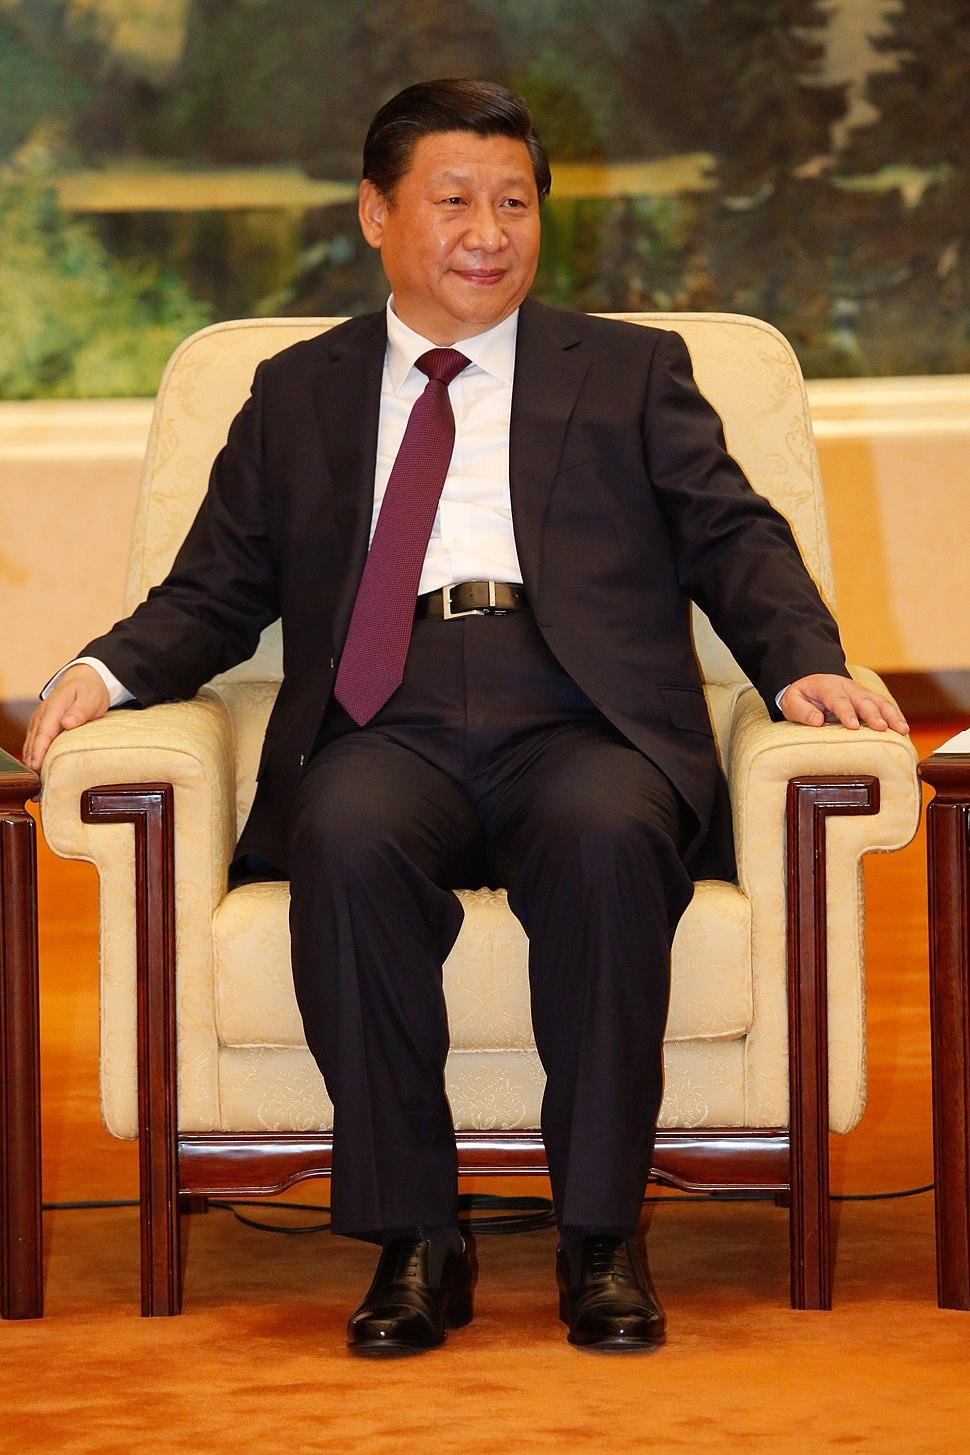 07-11-2013 - Pequim - Vice-presidente Michel Temer em encontro com o presidente da República Popular da China, no Palácio do Povo, Pequim. (1)